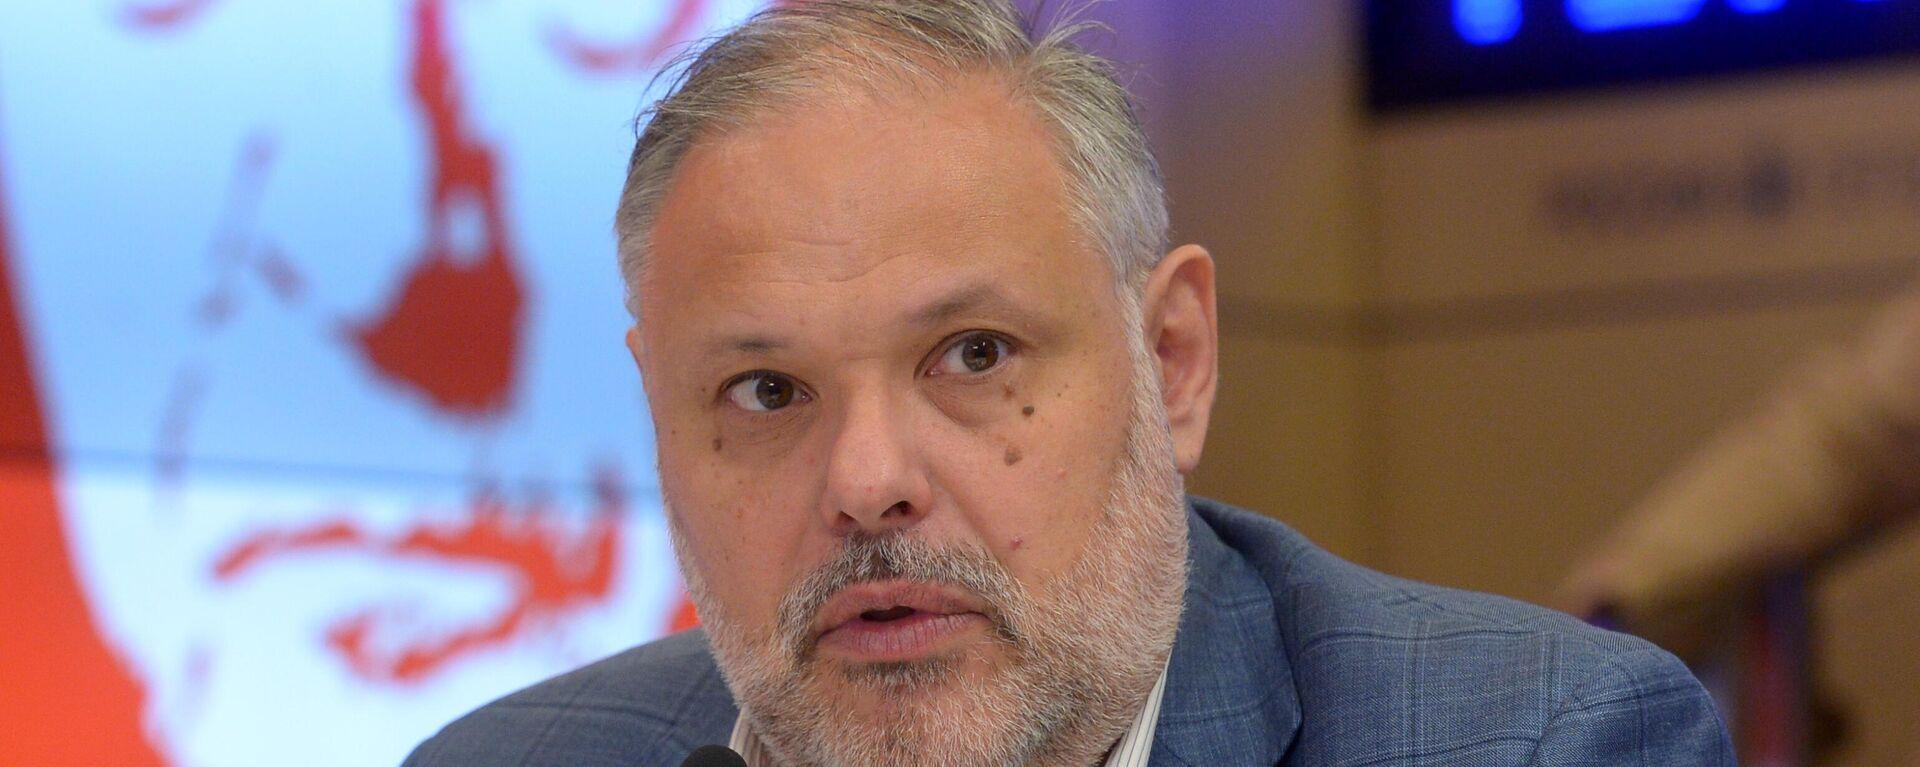 Хазин: Россия, США и Европа объединились против Украины - Sputnik Латвия, 1920, 09.06.2021